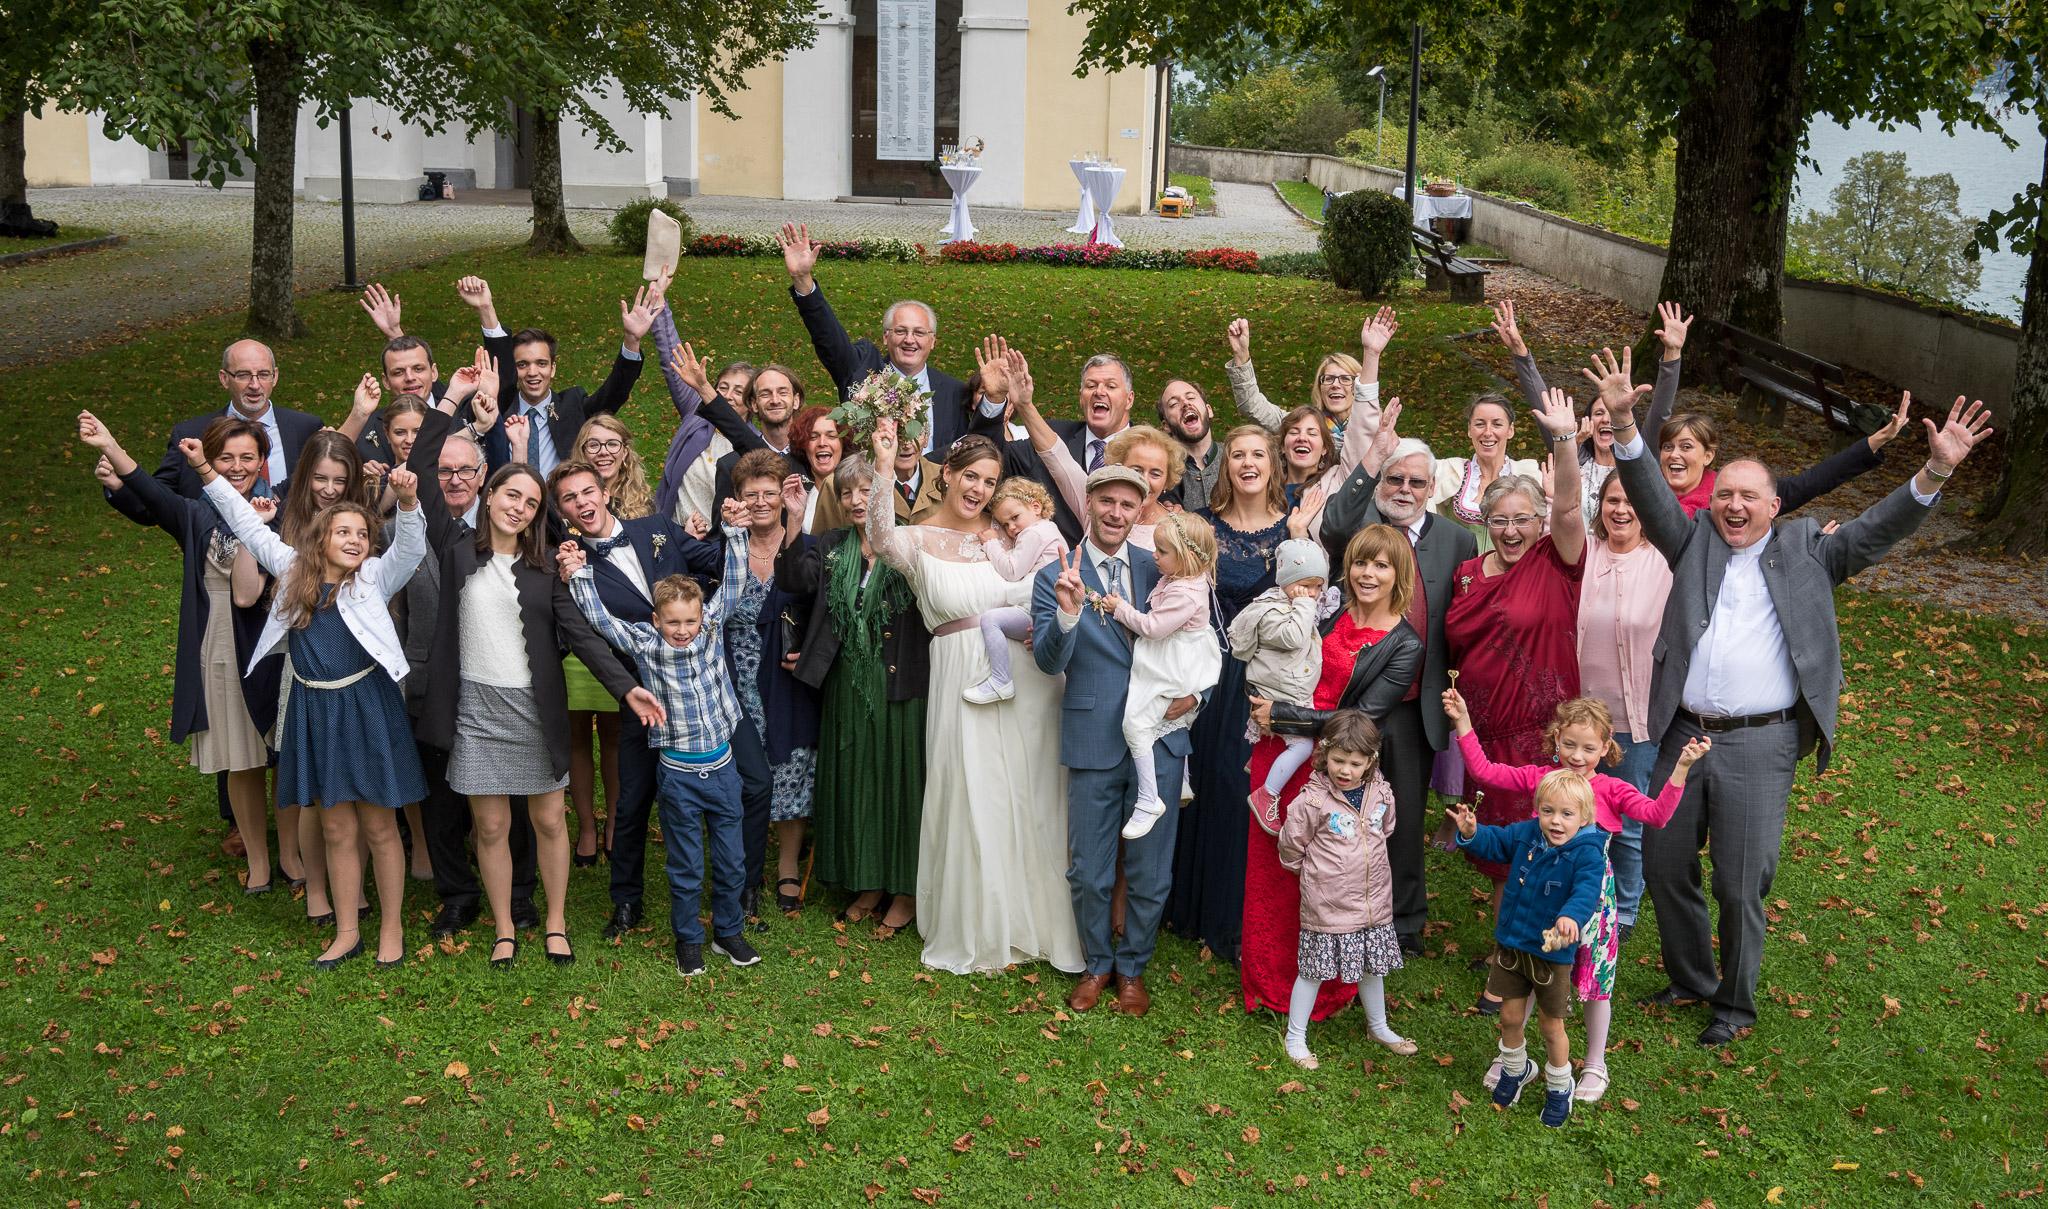 Hochzeit am Attersee, Gruppenfoto der Hochzeitsgesellschaft